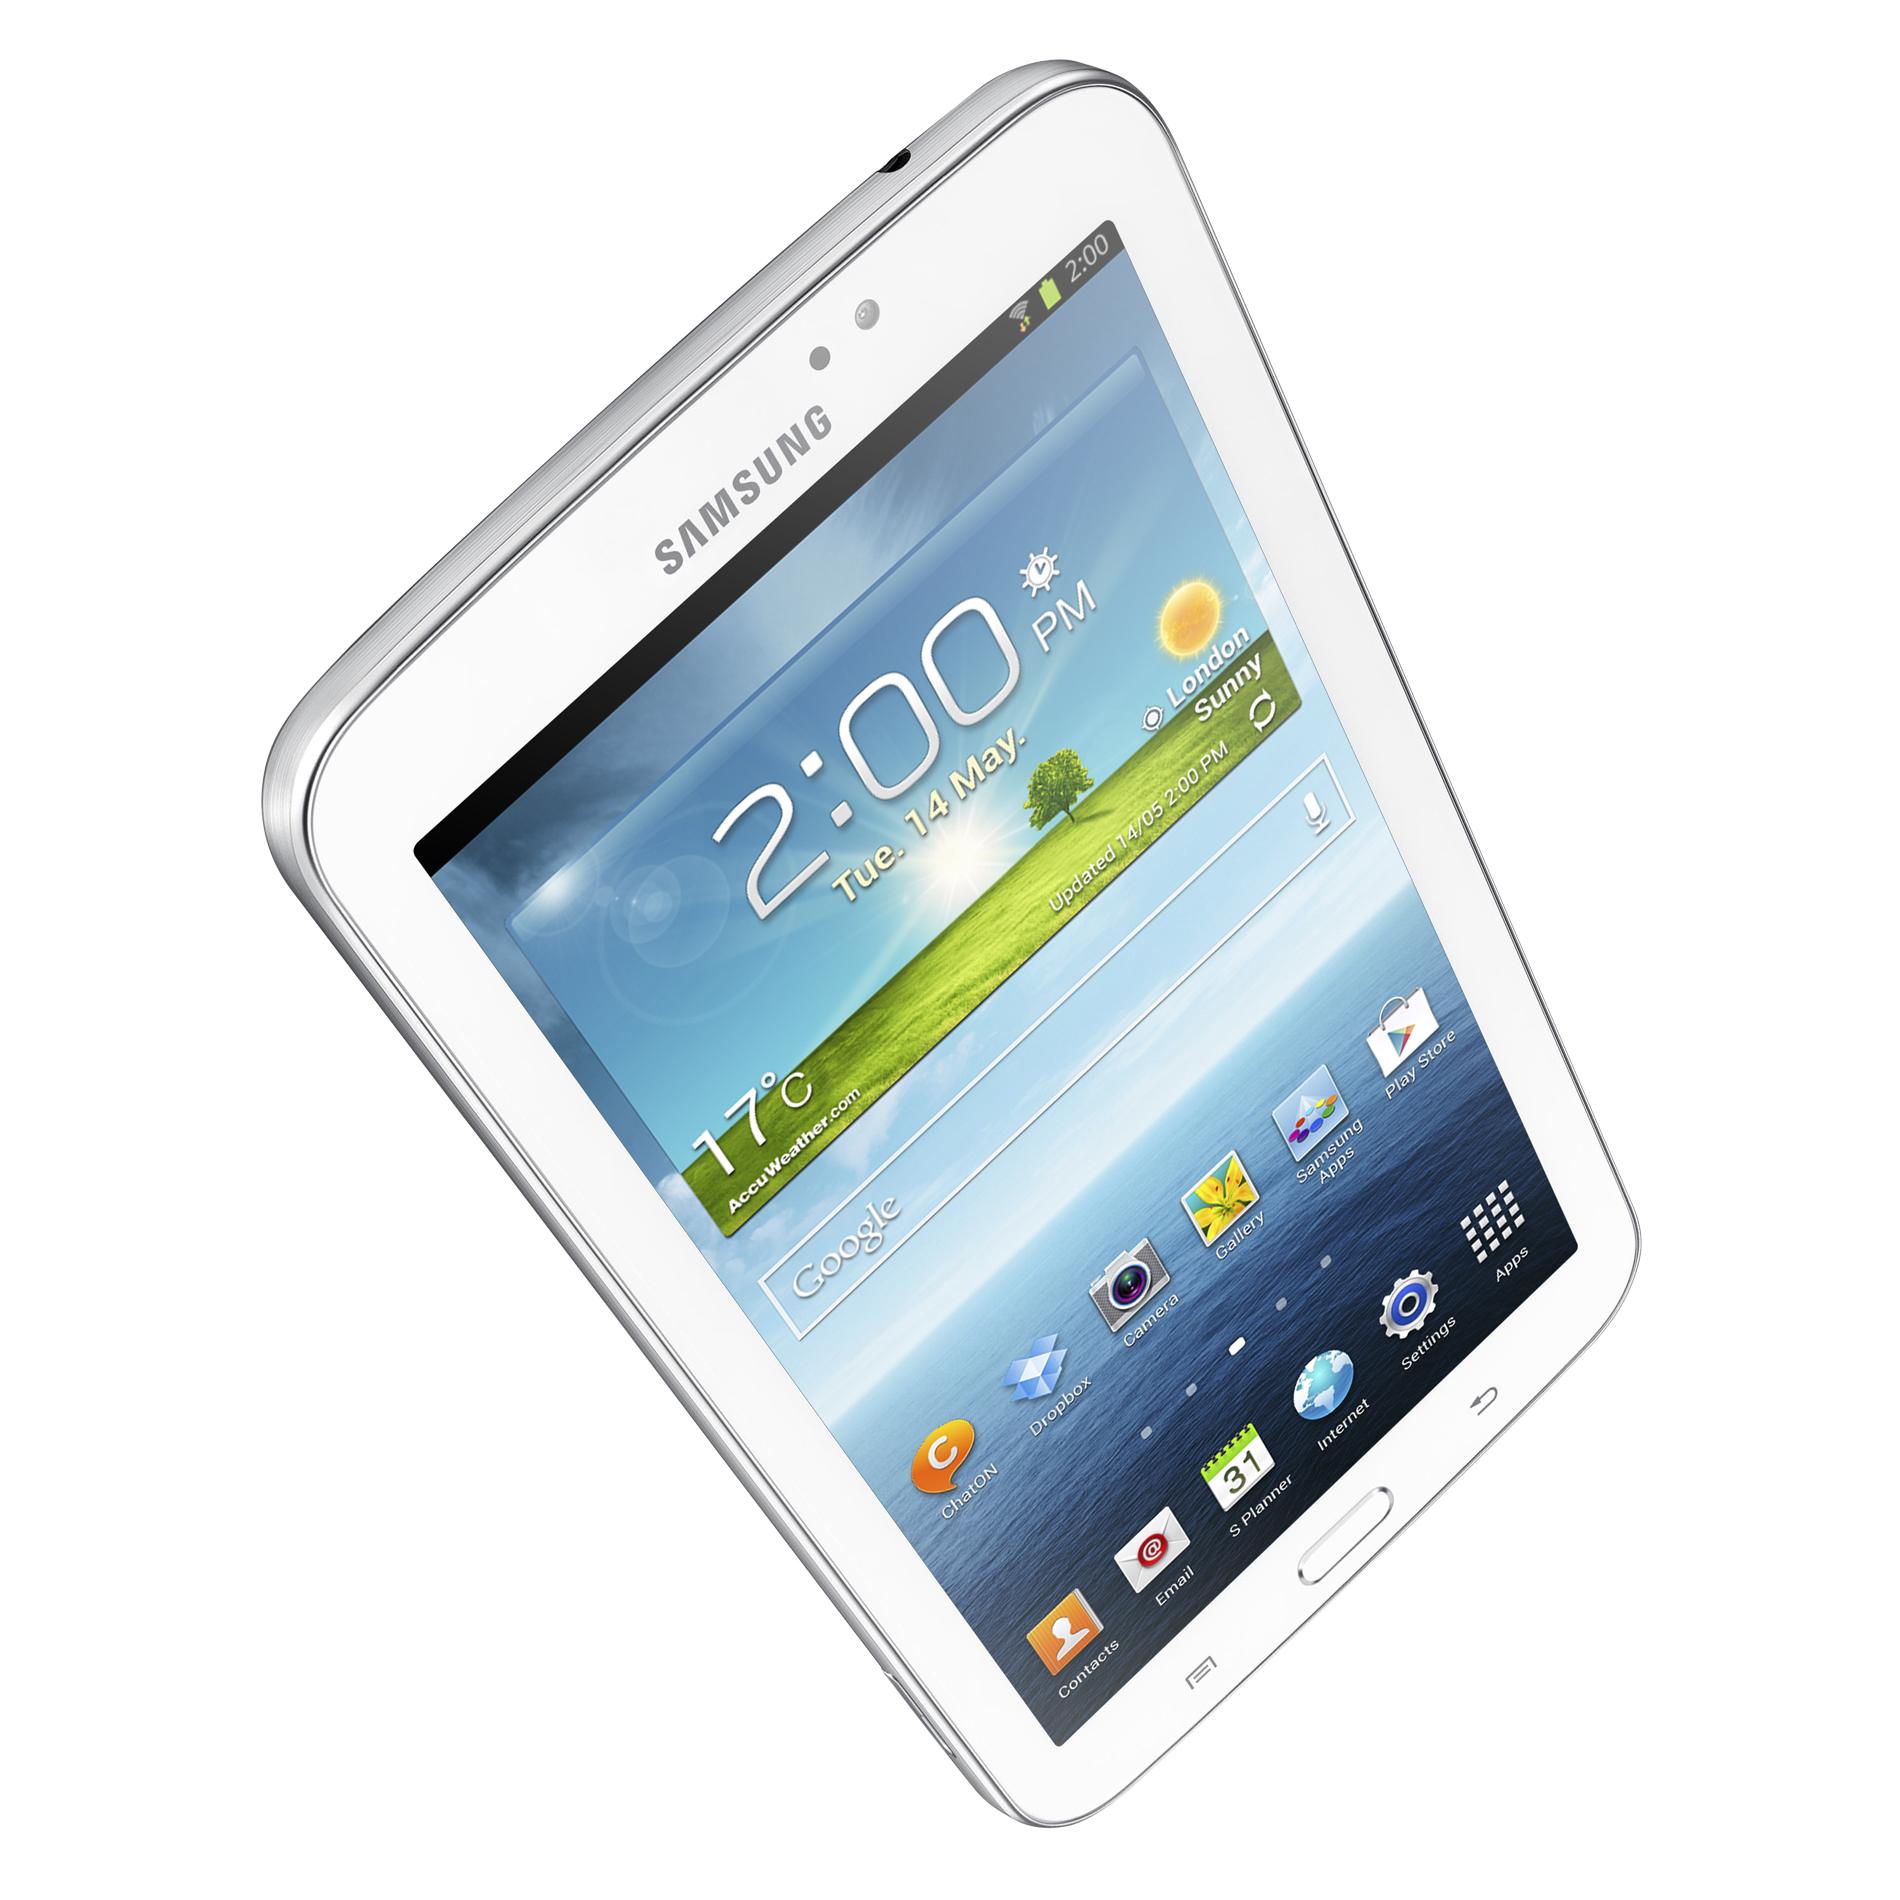 Samsung 7 in. Galaxy Tab 3, 8GB SM-T210RZWYXAR White